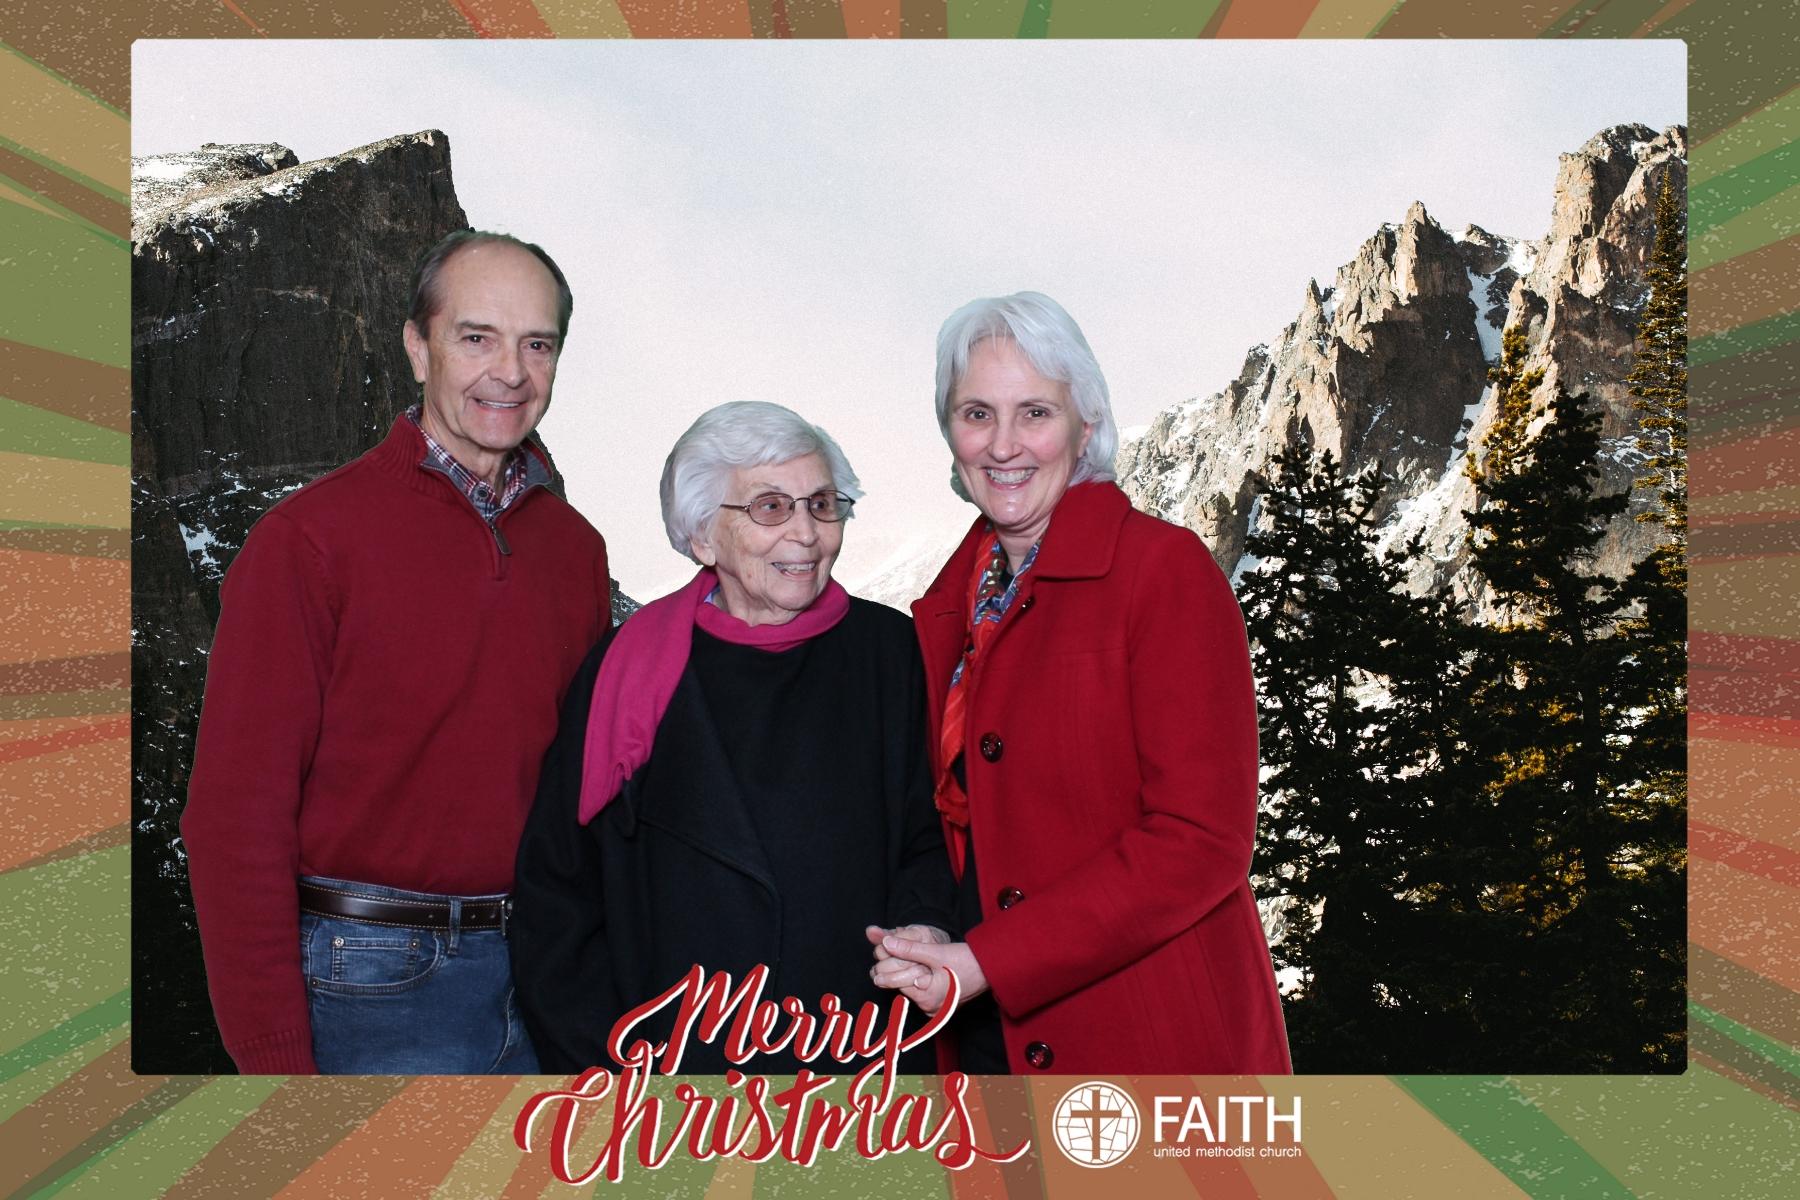 Faith2018_2018-12-24_18-54-19.jpg